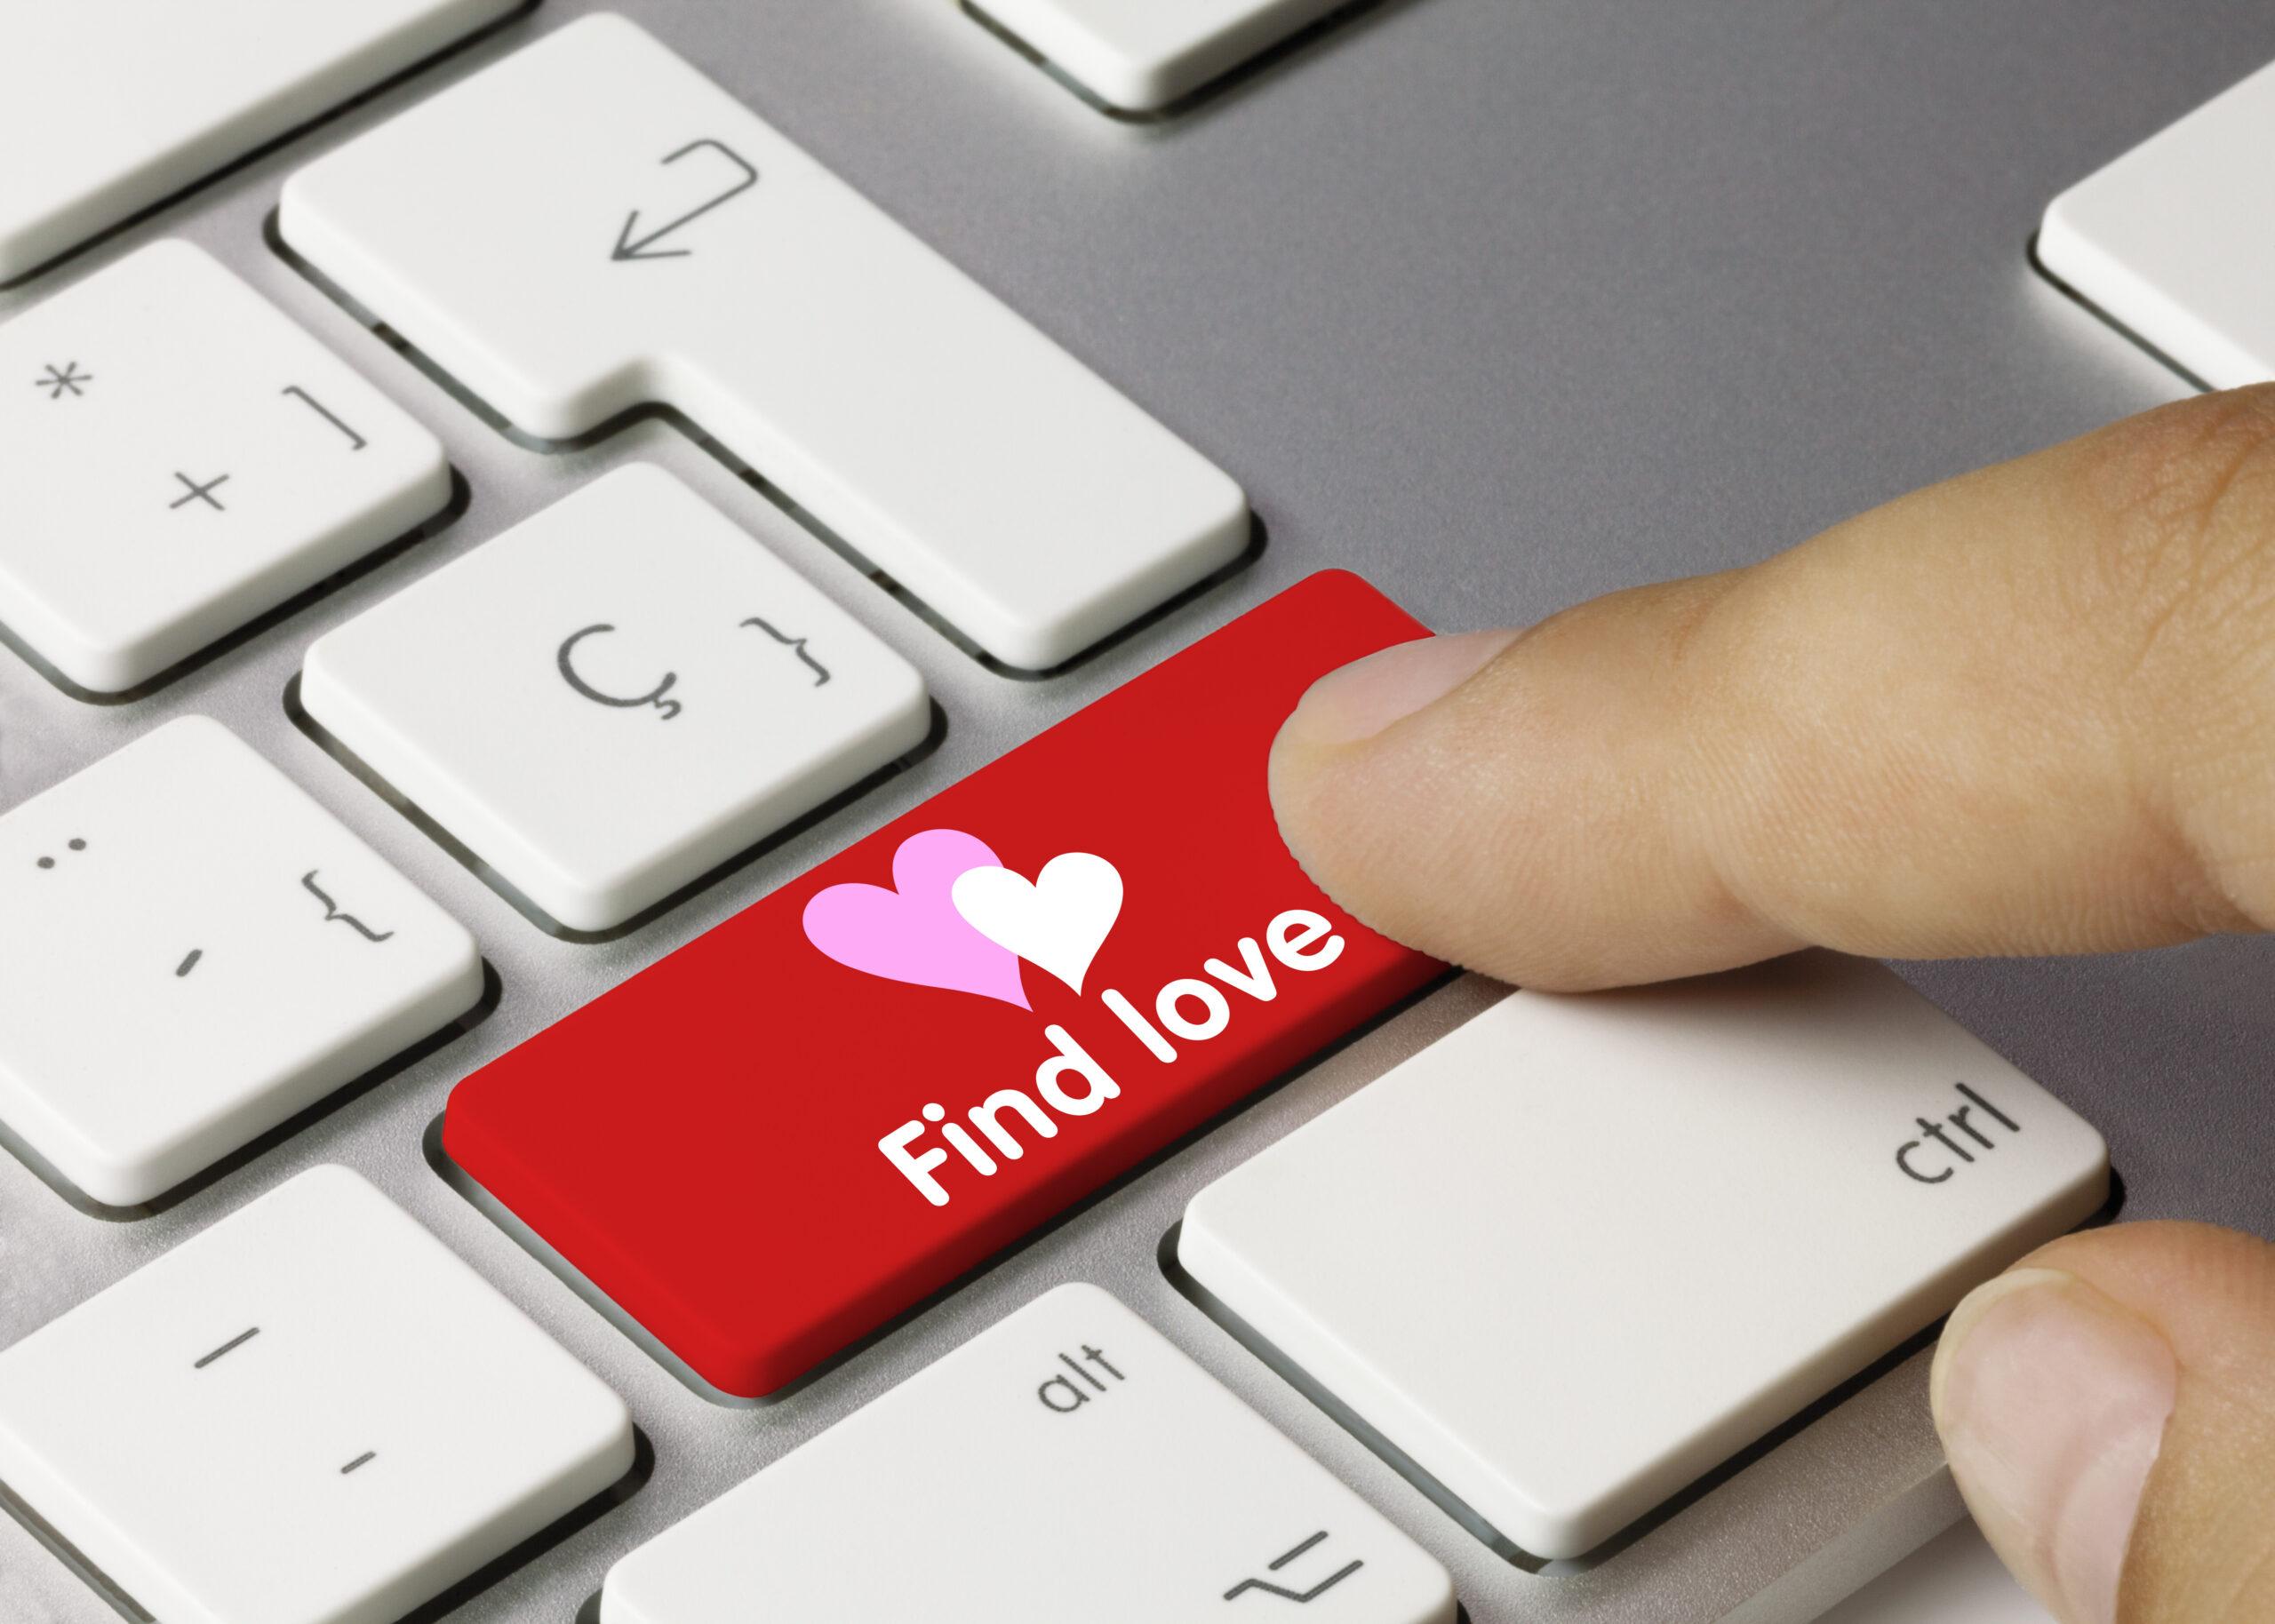 Bezpieczne randki w Internecie: mit czy rzeczywistość?